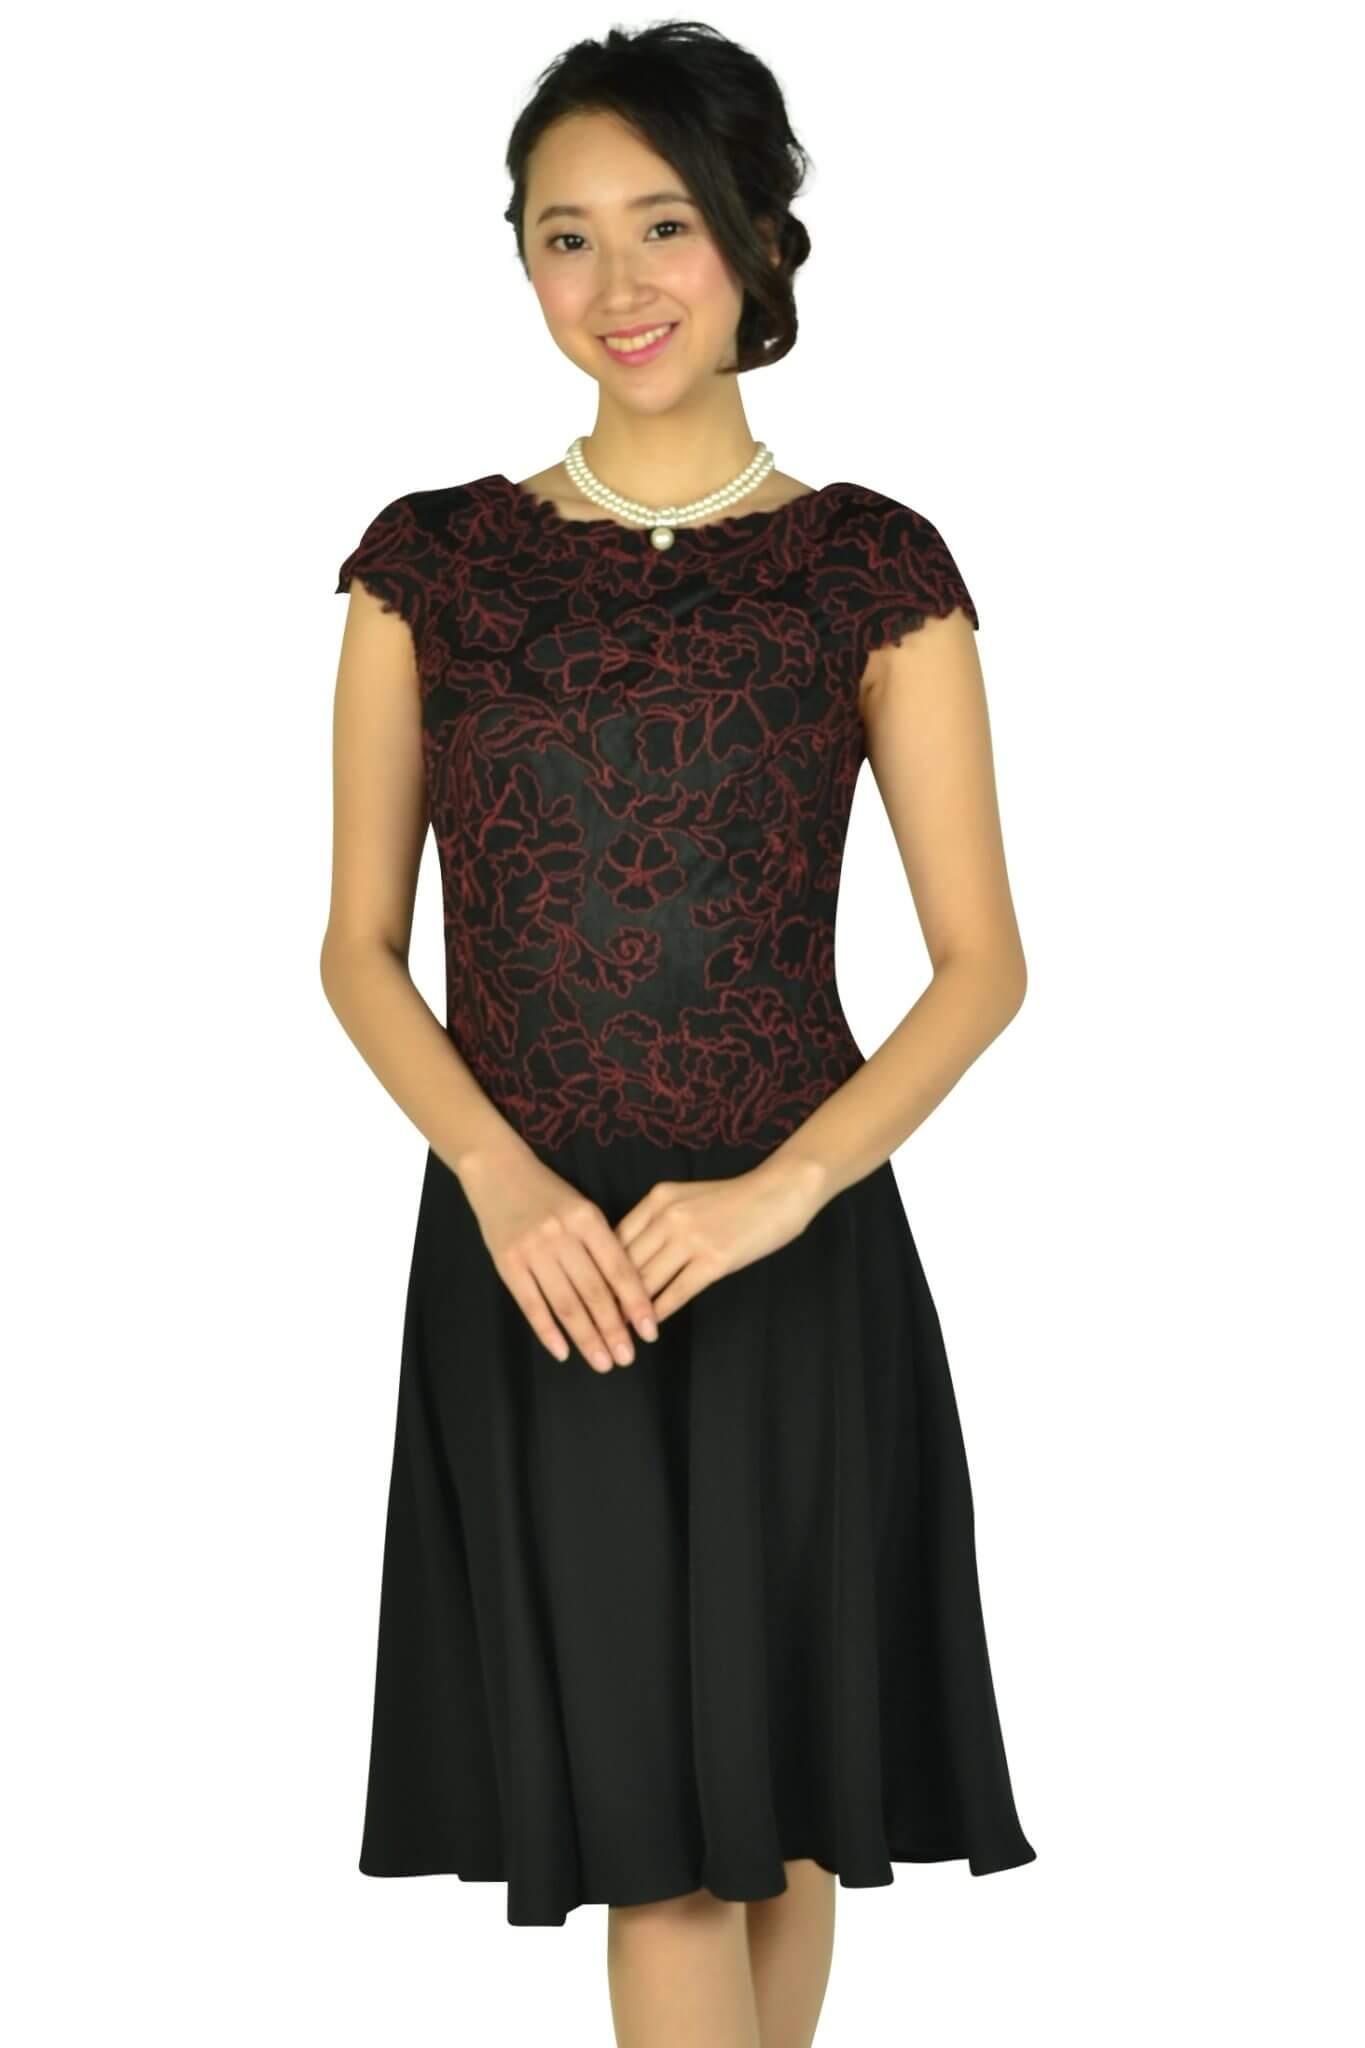 タダシ・ショージ(Tadashi Shoji)ボルドー刺繍ブラックドレス